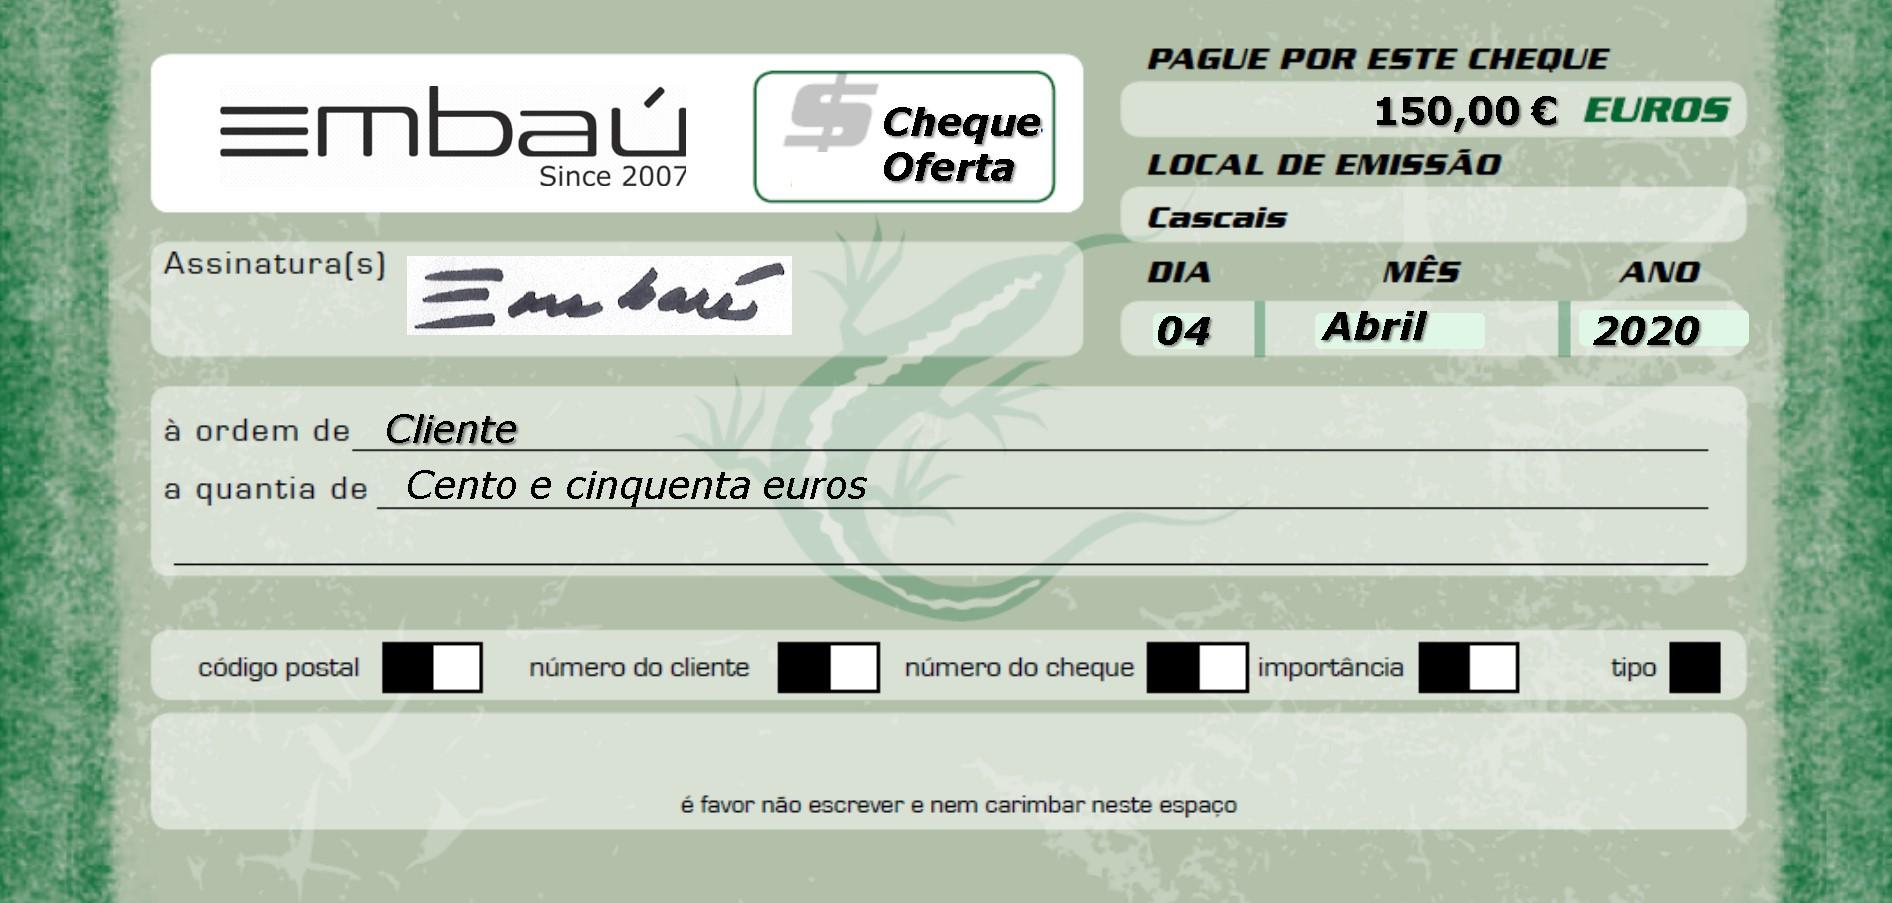 Cheque-Oferta Embaú 150